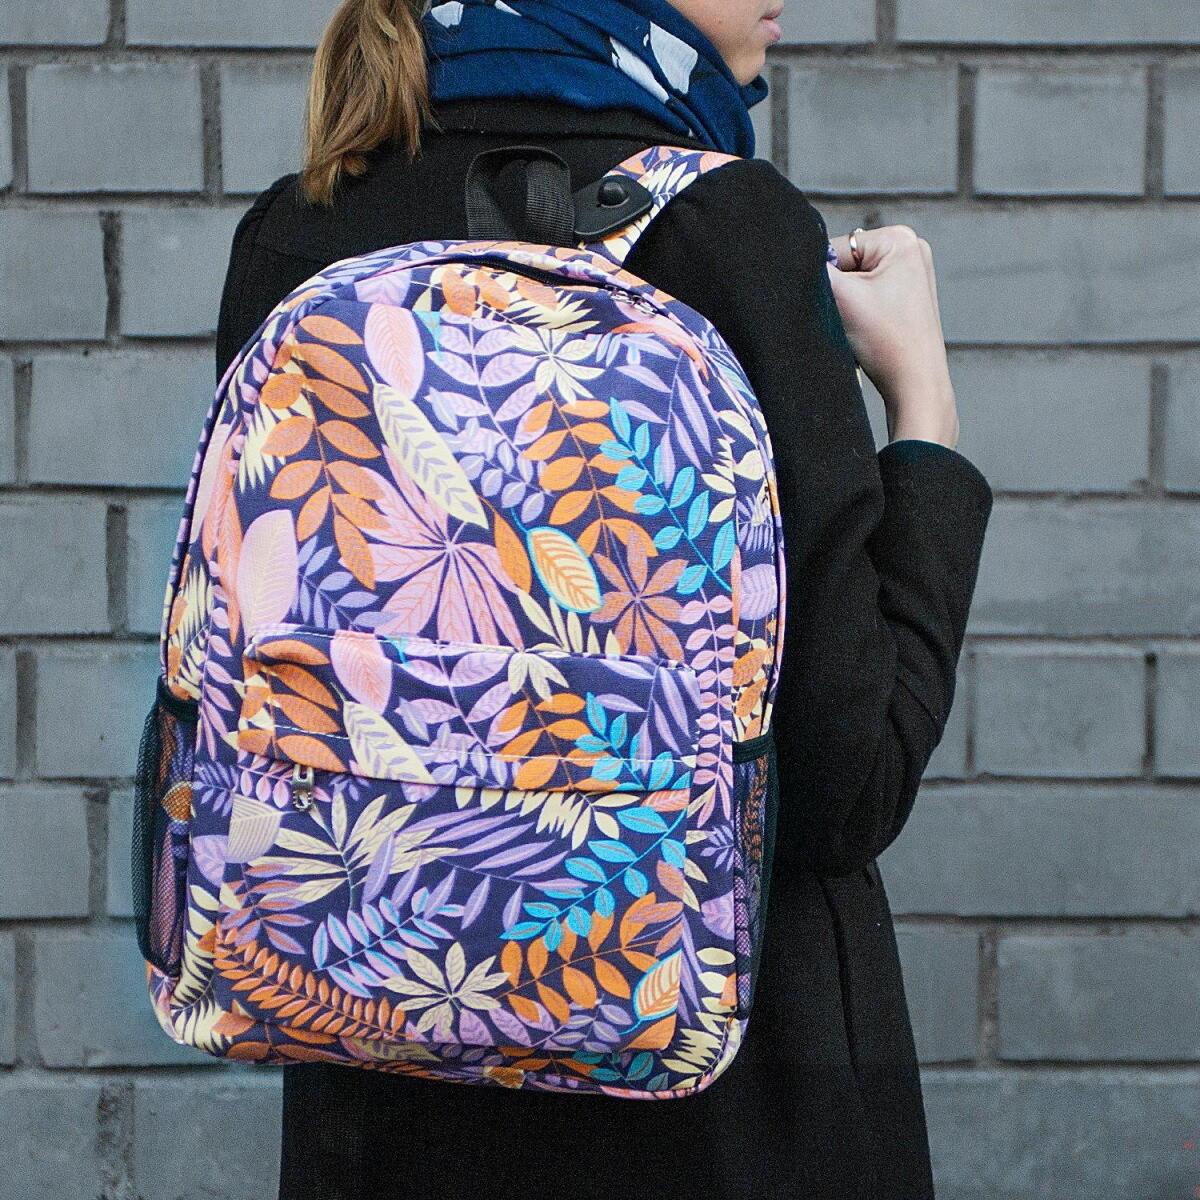 Женские рюкзаки  недорогие и городские, модные и стильные 52e3b0cb97f